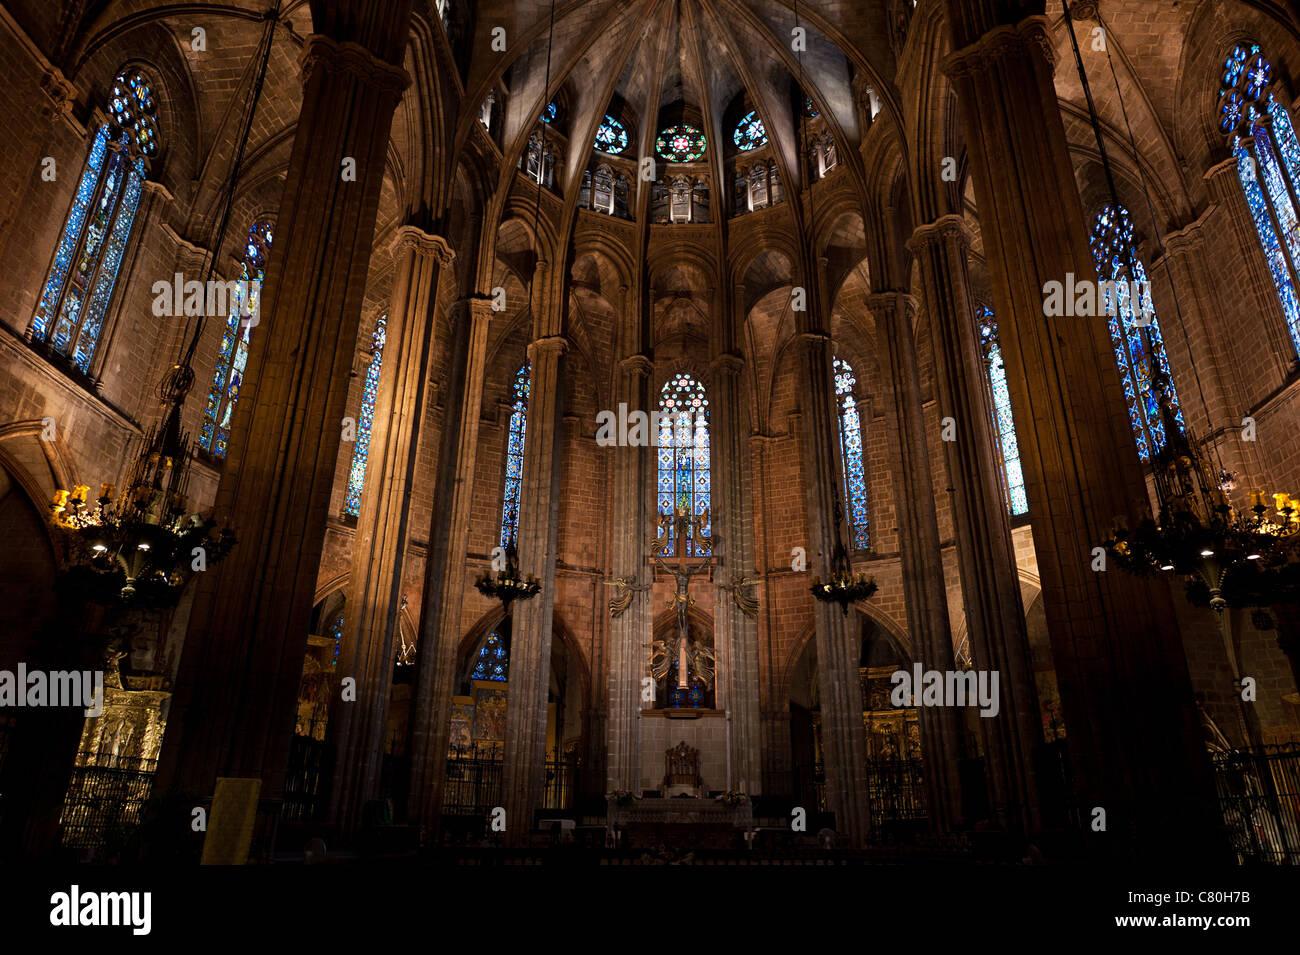 Catedral de Santa Eulalia en Barcelona, España Imagen De Stock